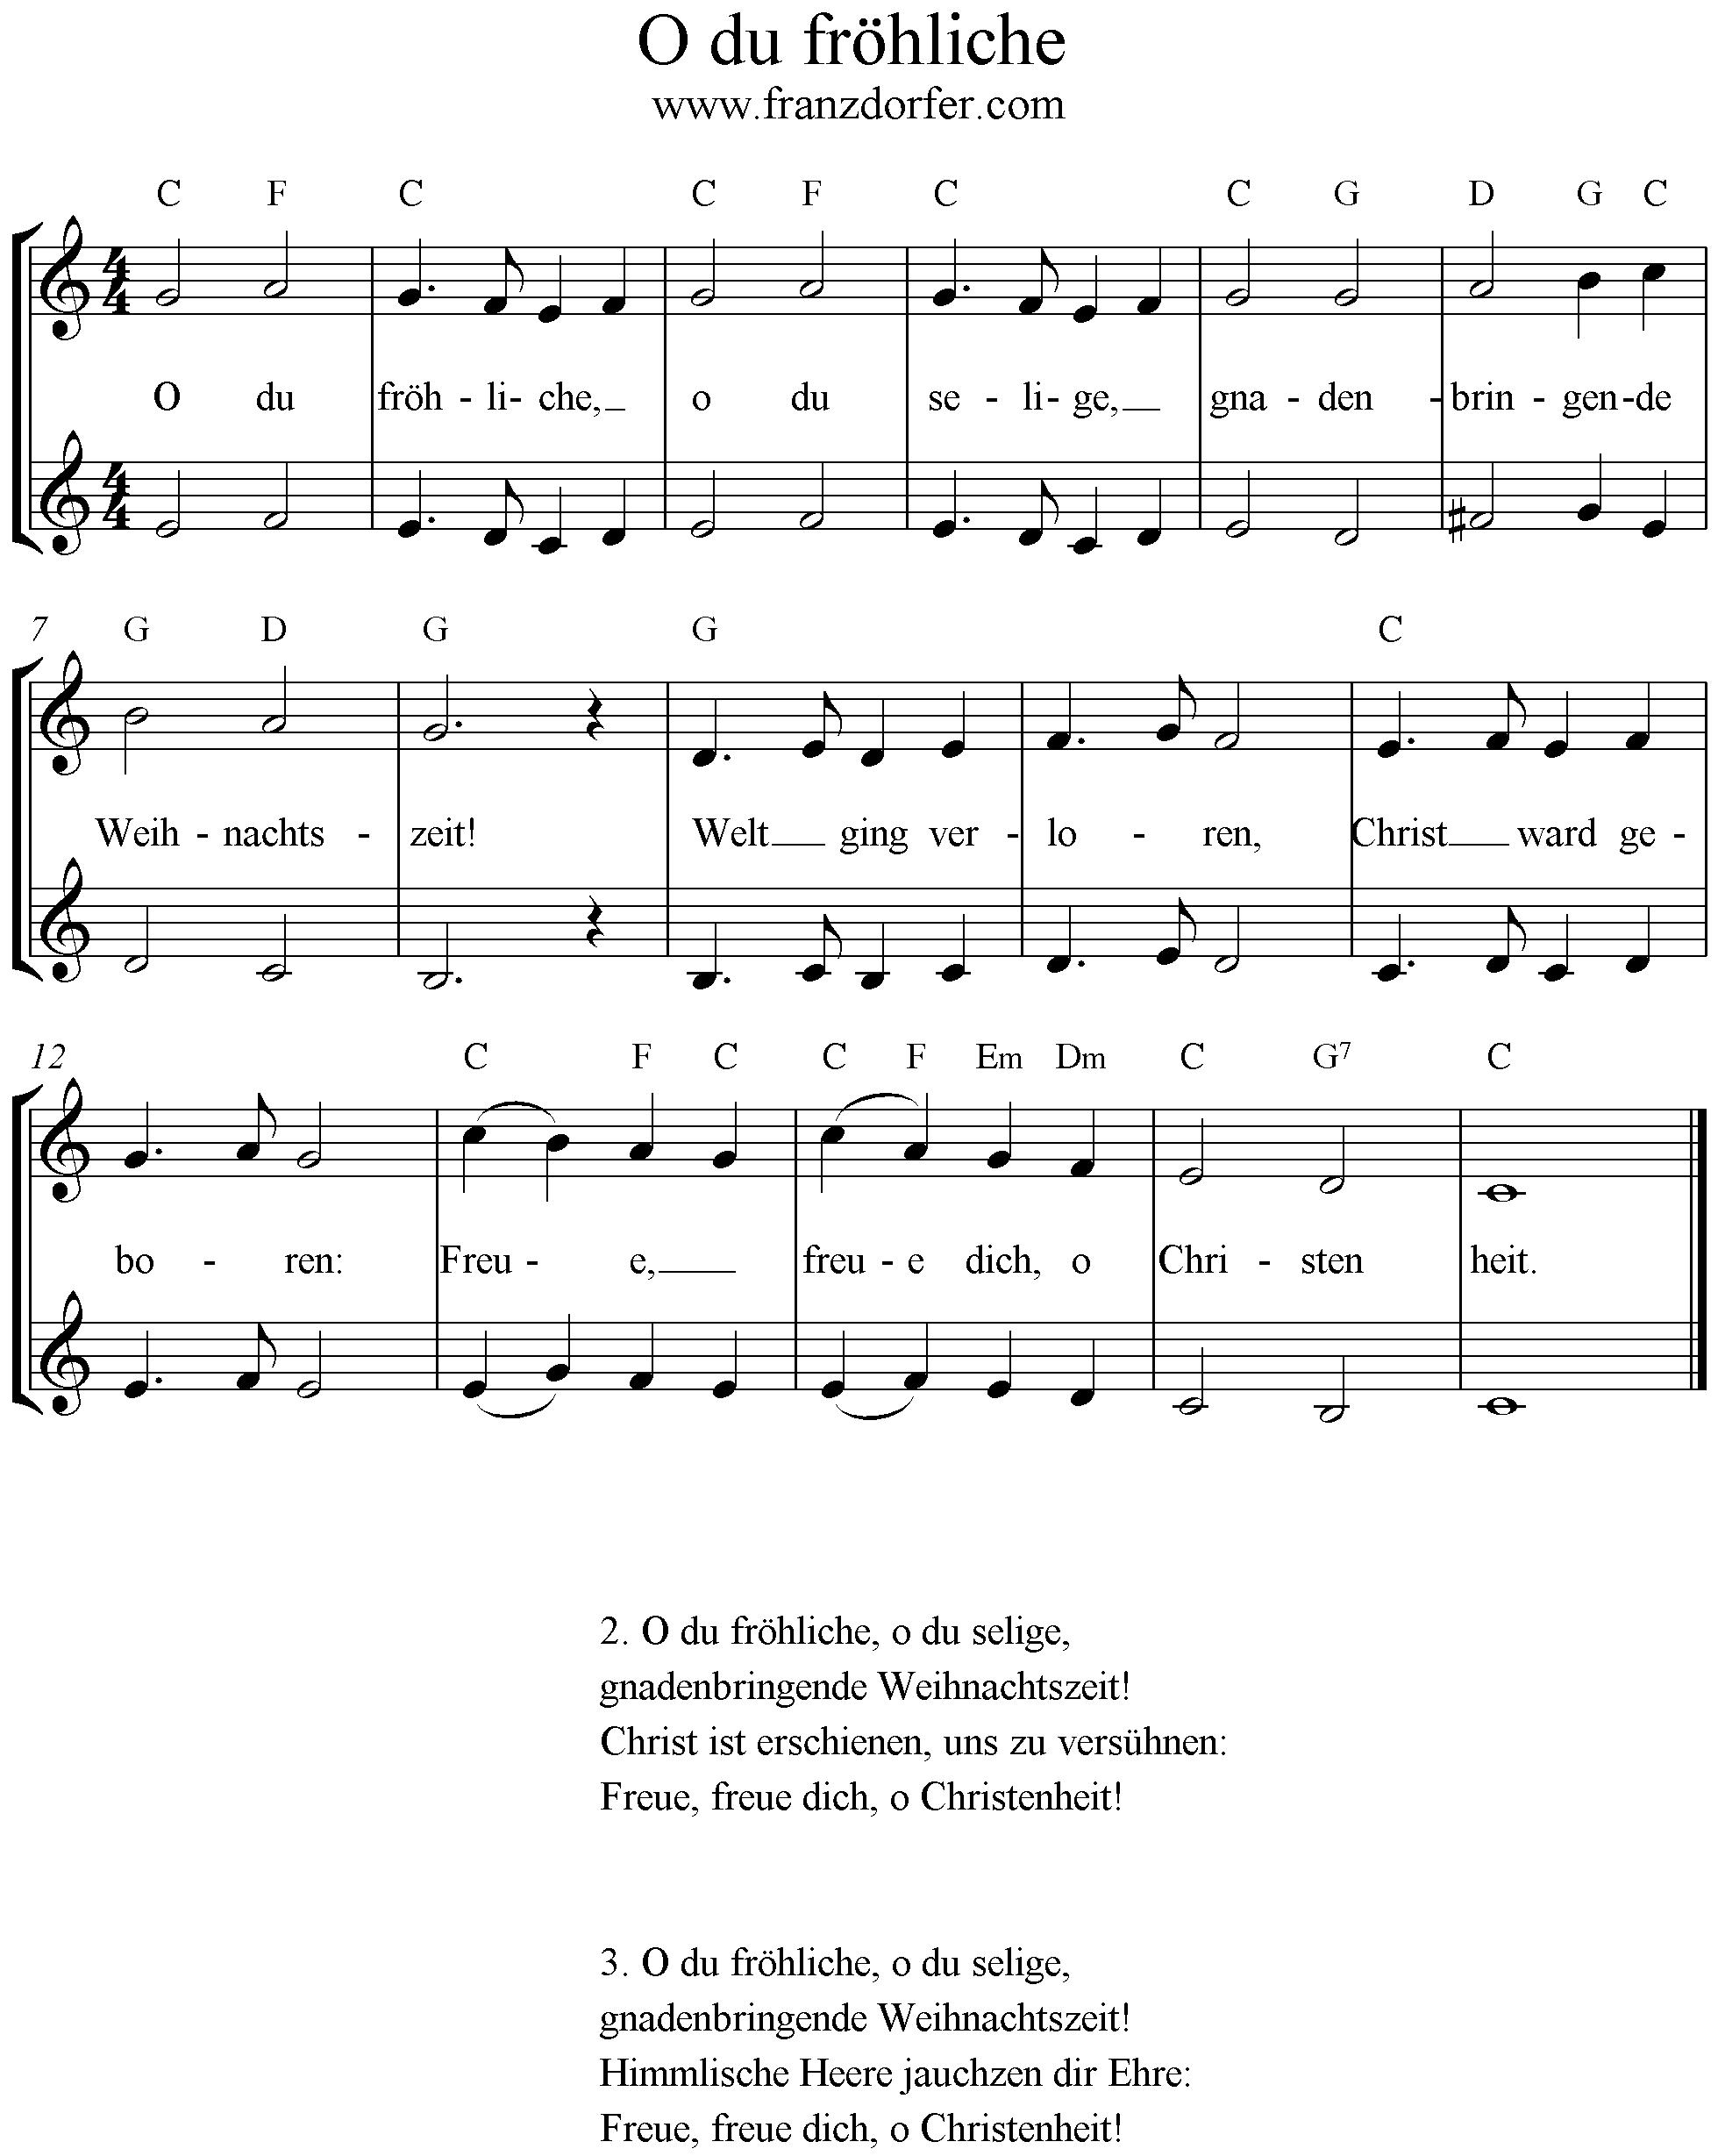 Glockenspiel Weihnachtslieder Noten Kostenlos.O Du Fröhliche